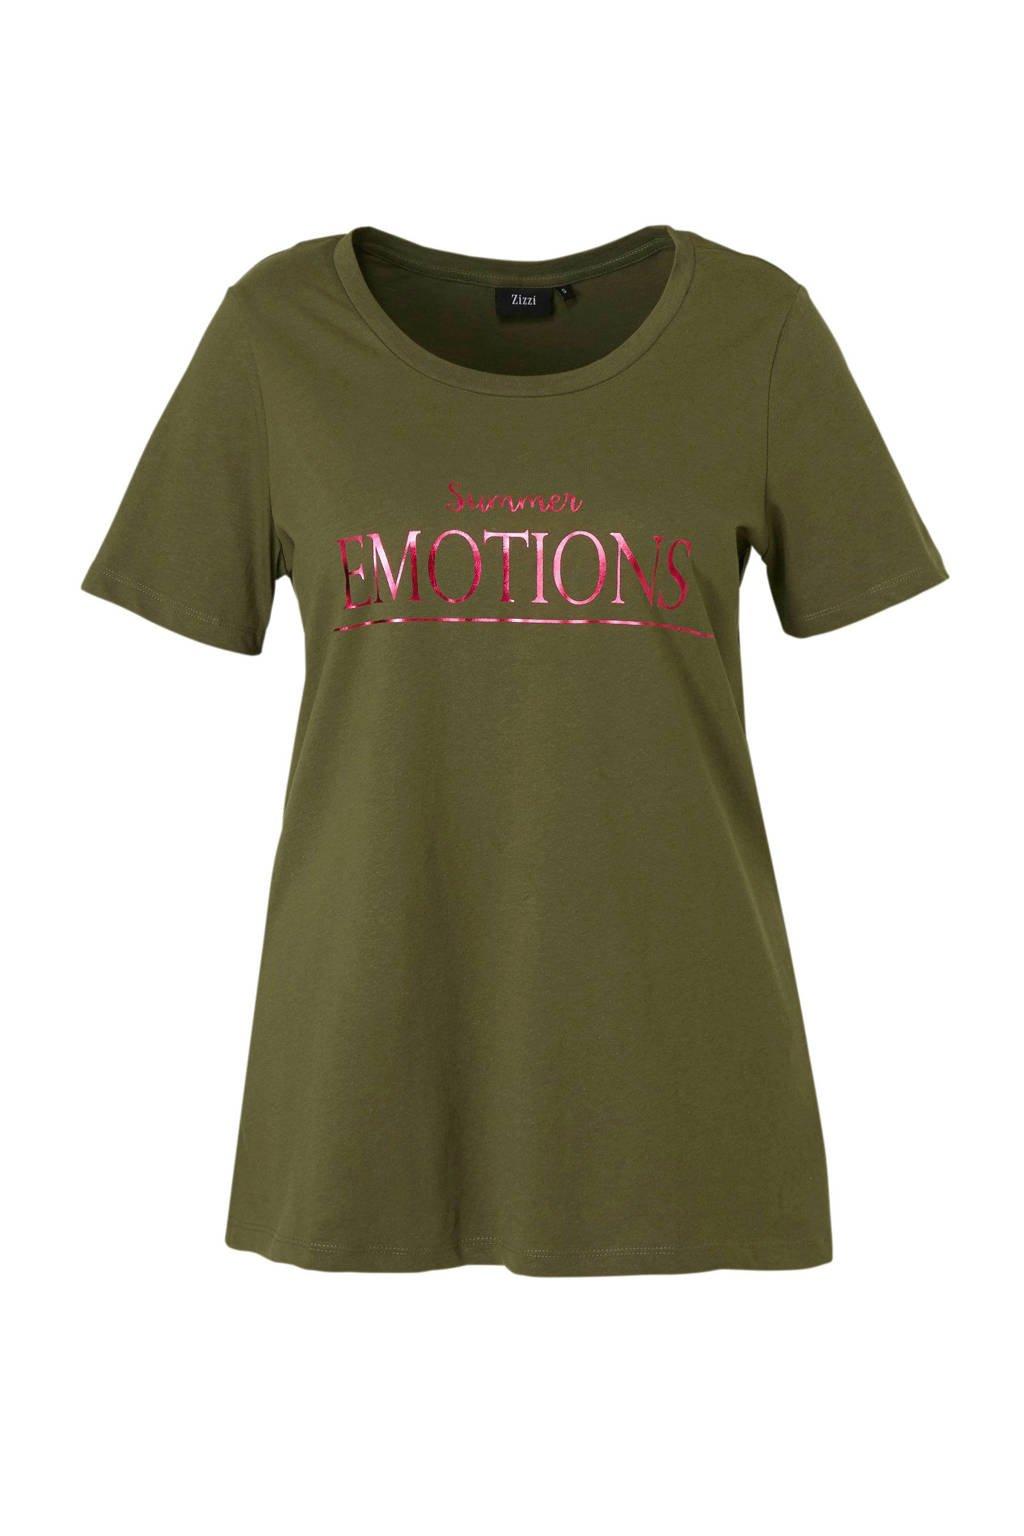 Zizzi T-shirt met tekst, Groen/ roze